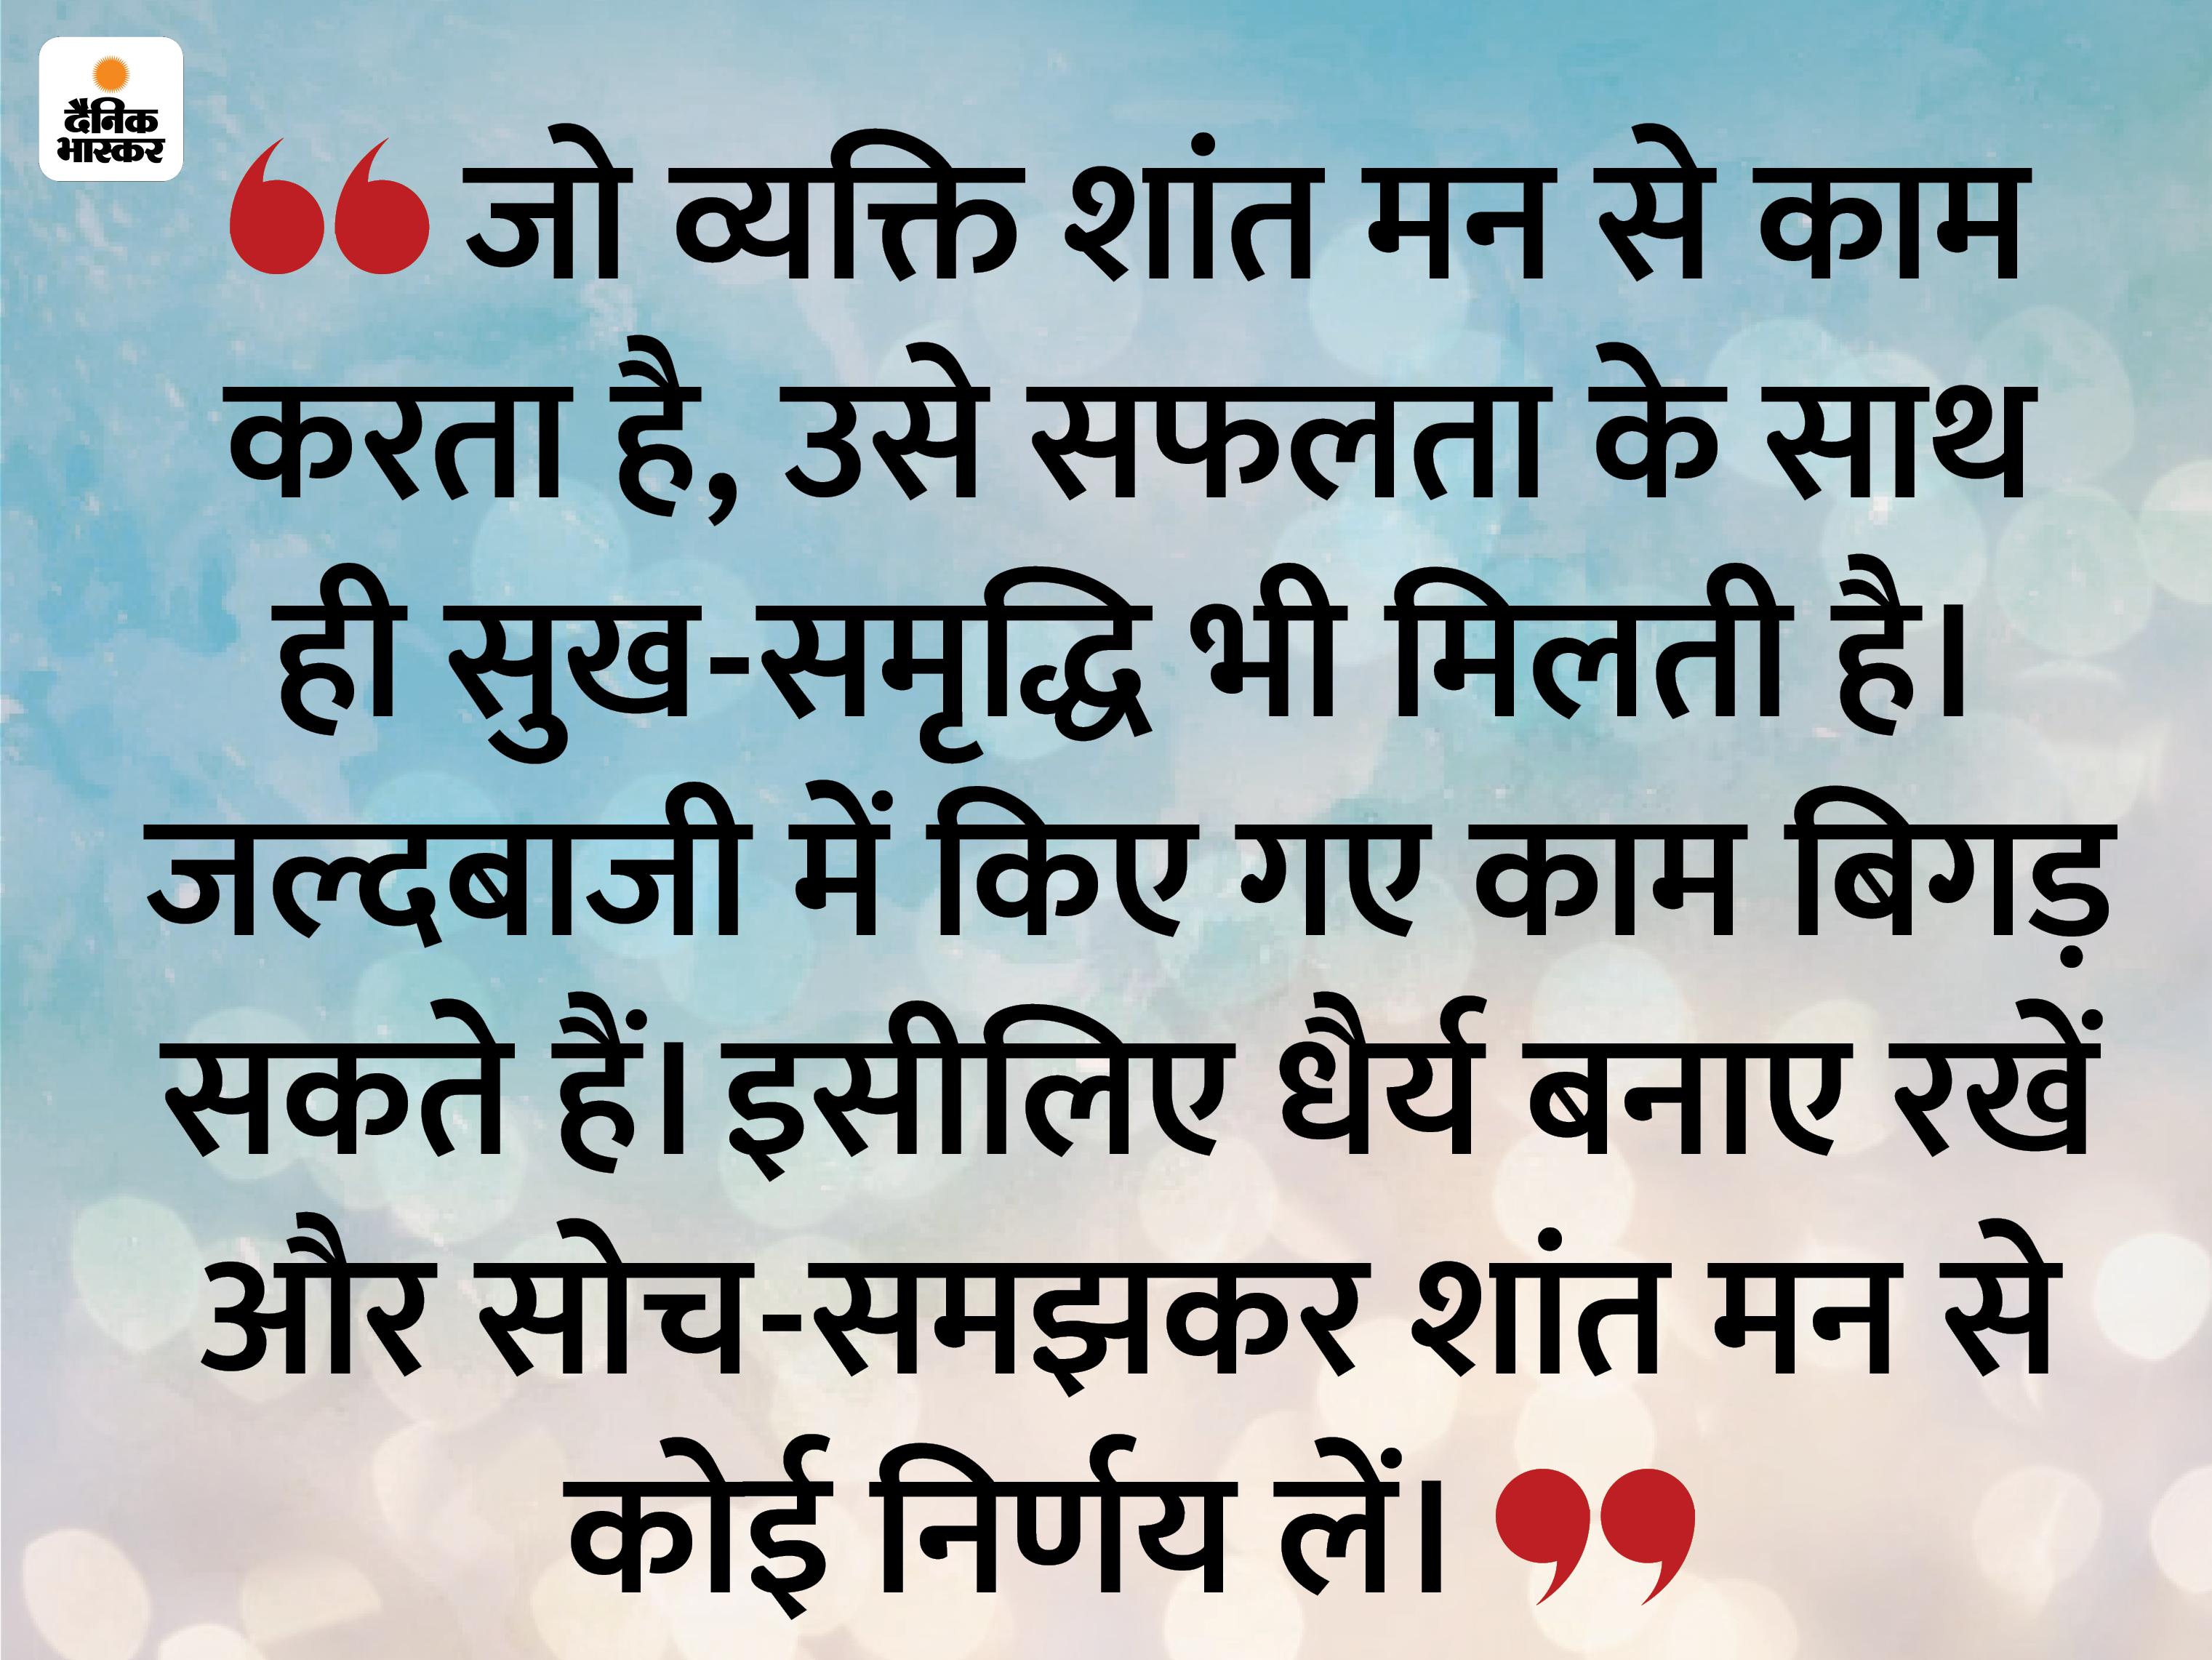 किसी भी स्थिति में धैर्य न खोएं, शांति से काम करेंगे तो बड़े-बड़े काम भी पूरे हो जाएंगे|धर्म,Dharm - Dainik Bhaskar